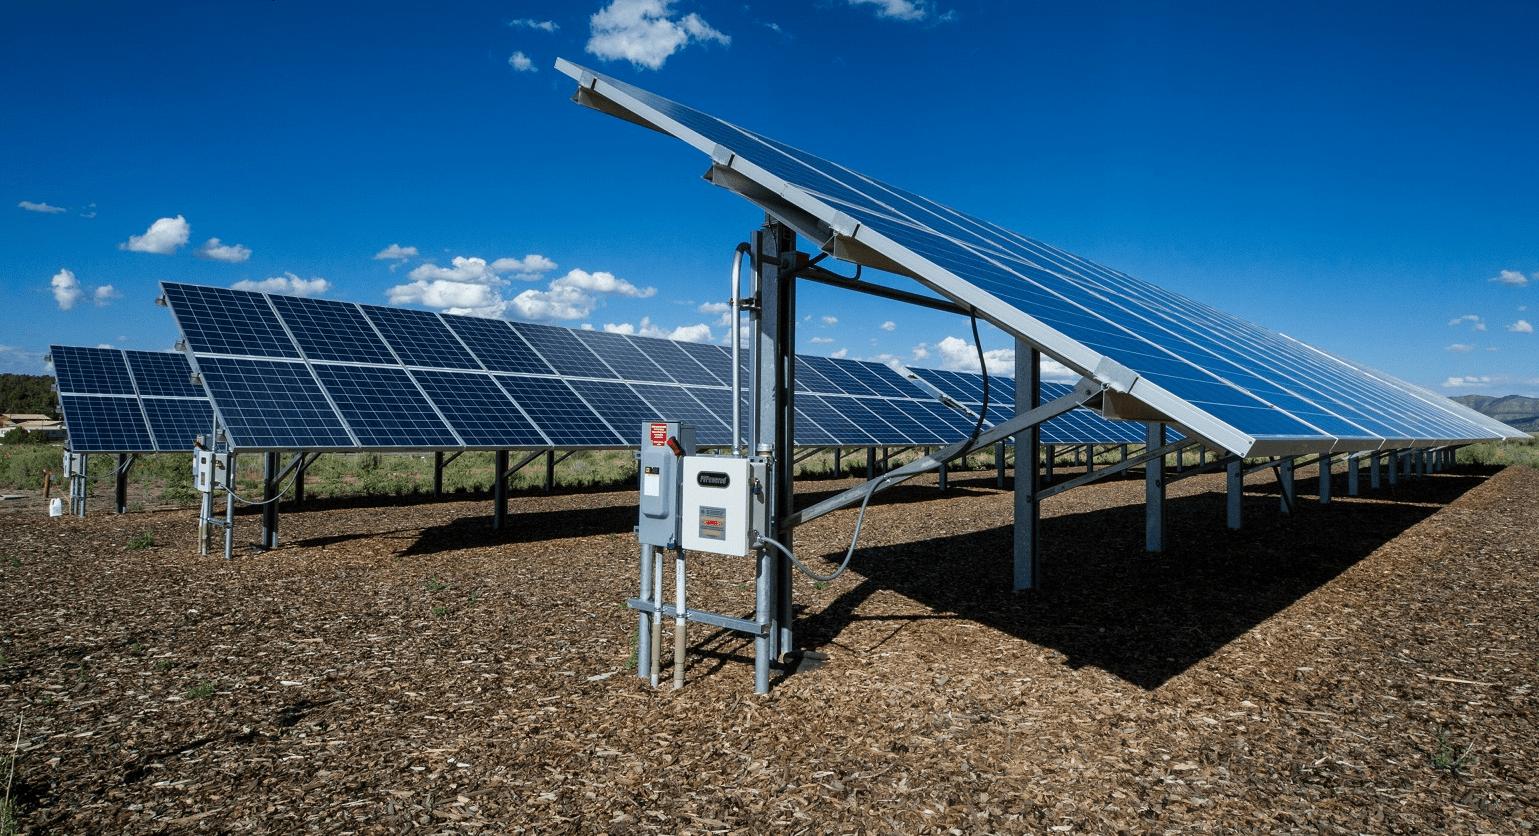 Nhà máy điện mặt trời - ứng dụng PIN MT